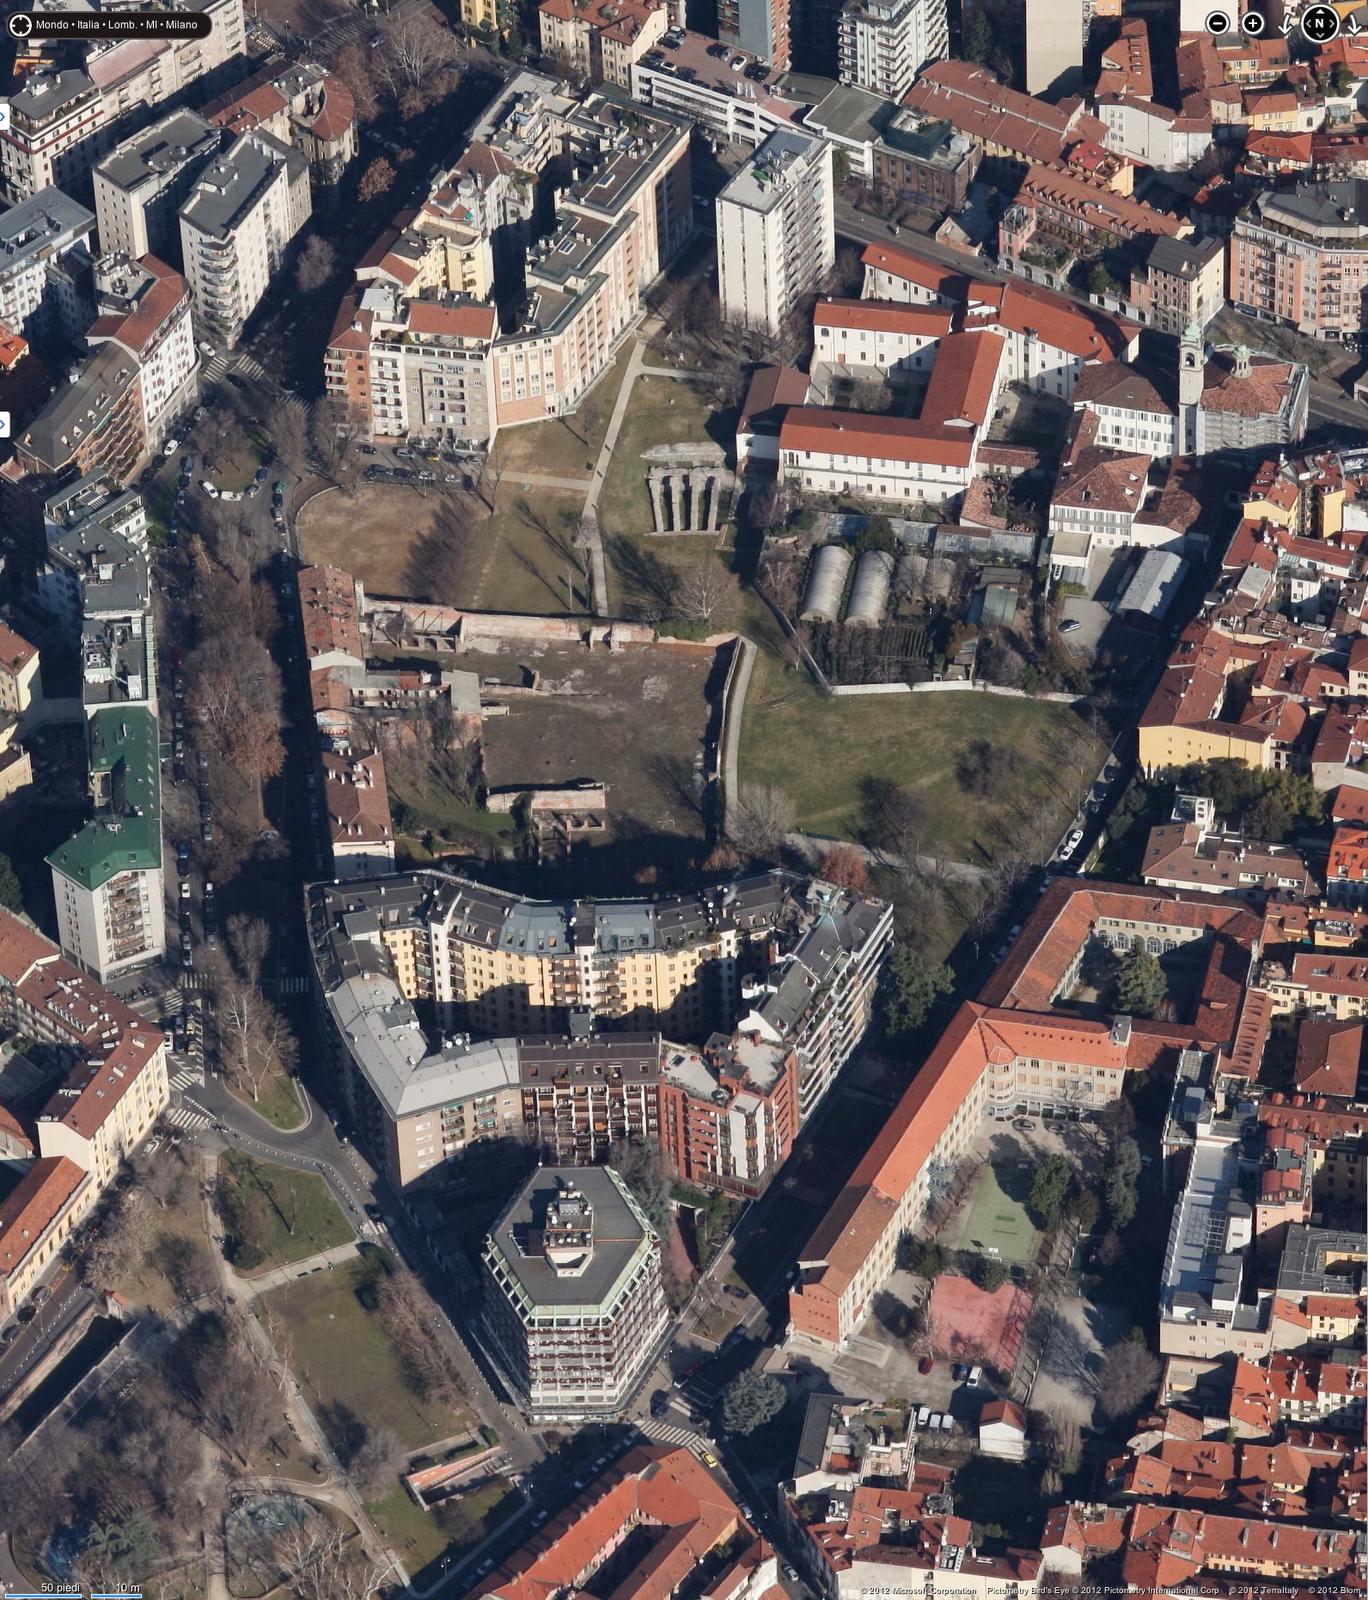 Milano Porta Ticinese Il Parco Dell Anfiteatro E La Conca Del Naviglio Urbanfile Blog